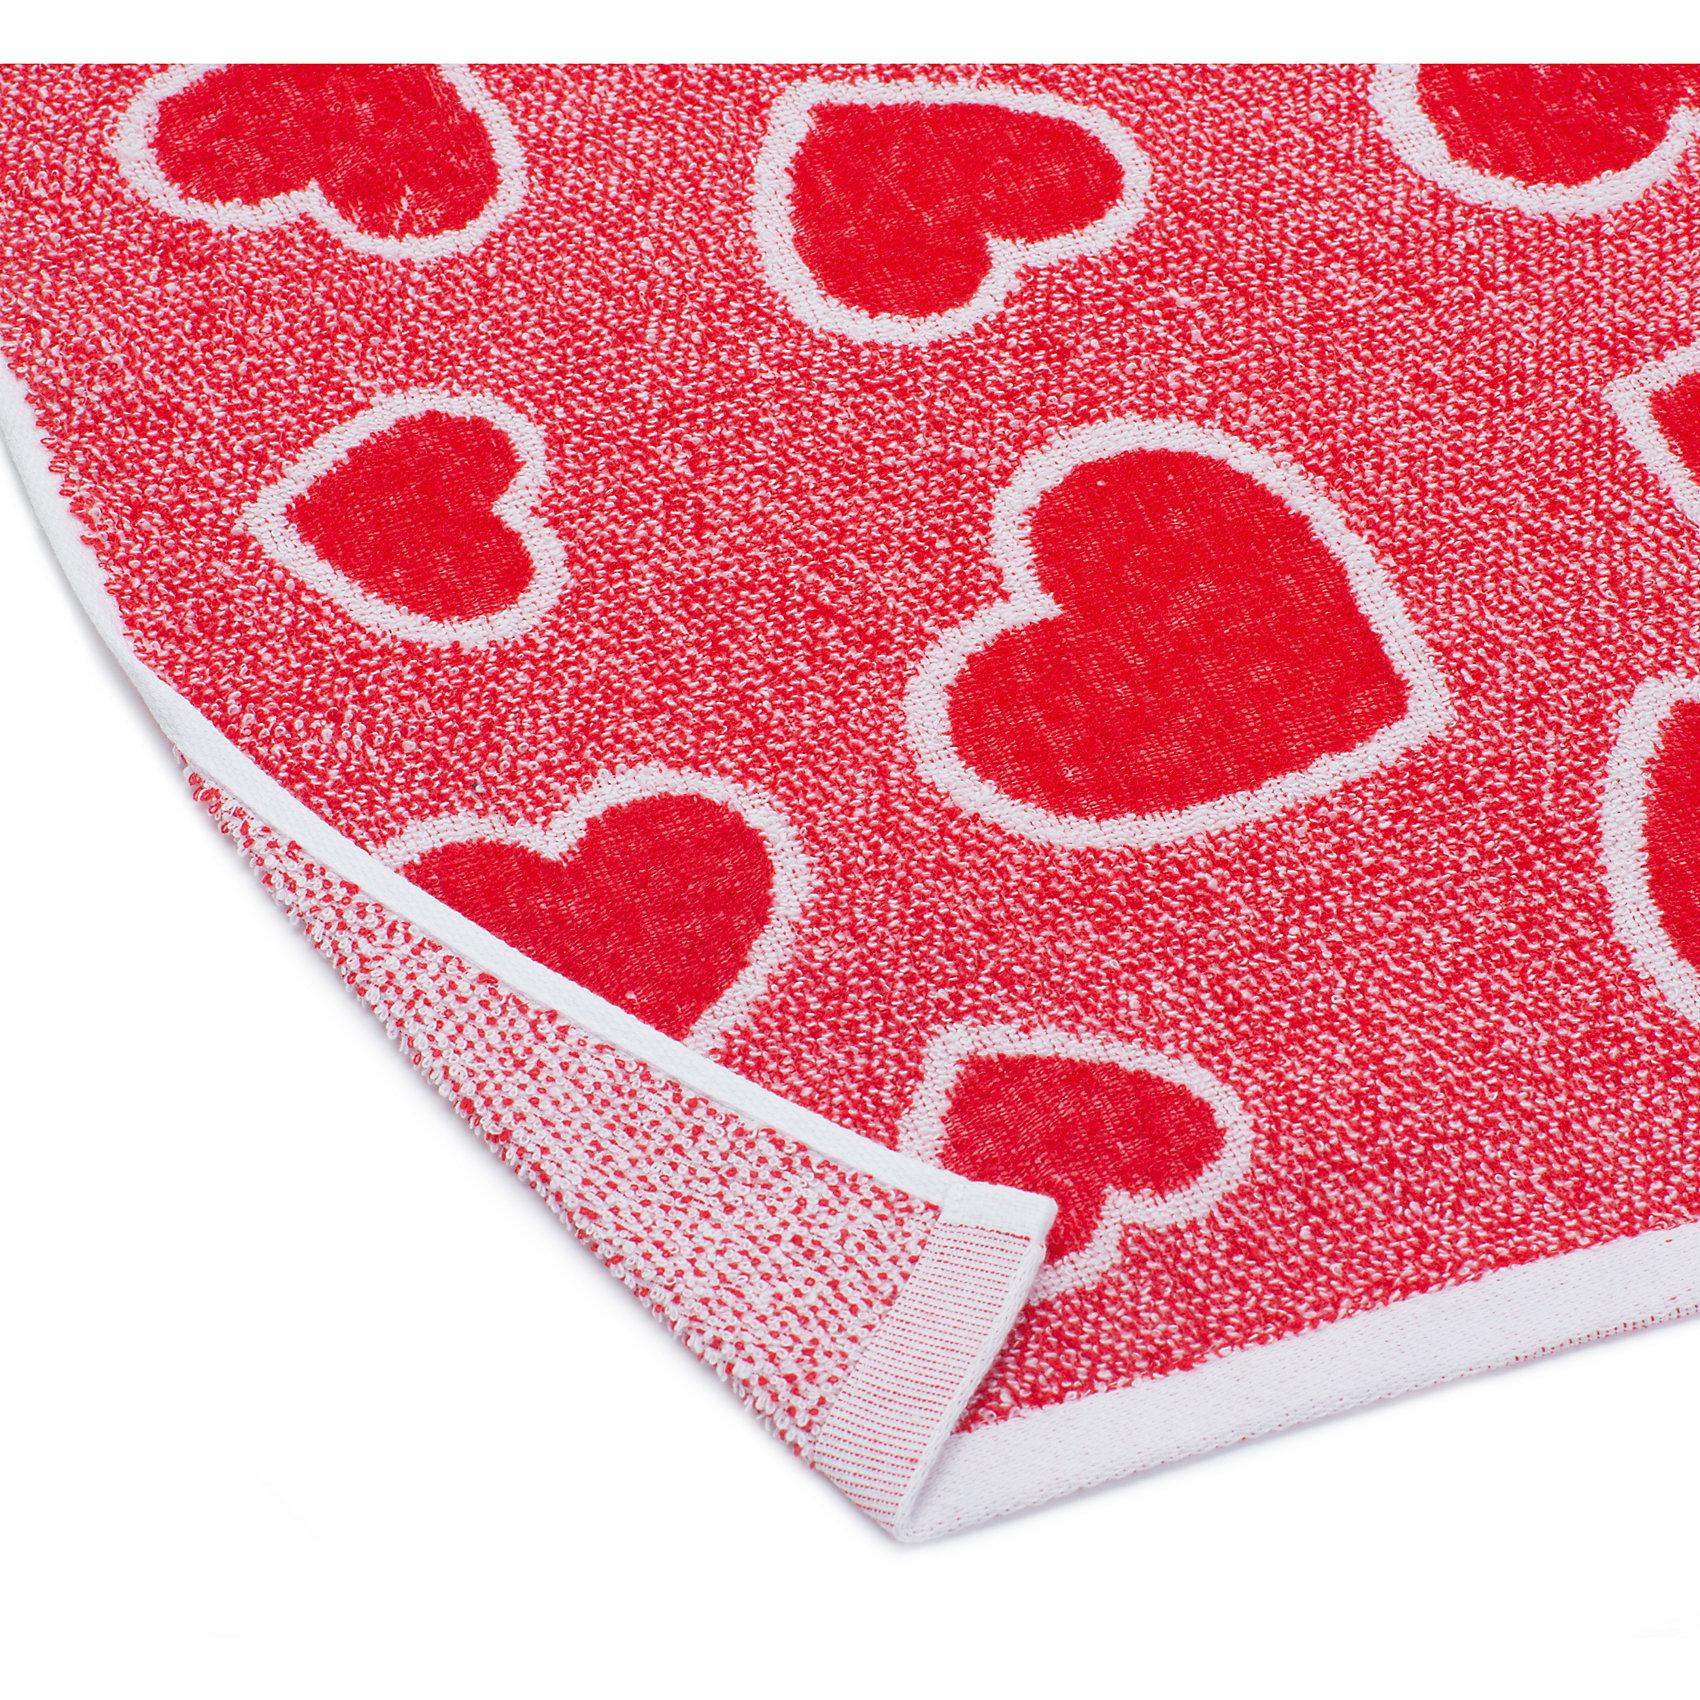 Комплект из 2-х махровых полотенец Сердечки 50*90*2, Любимый домДомашний текстиль<br>Комплект Сердечки содержит 2 махровых полотенца, изготовленных из хлопка. Они очень мягкие и хорошо впитывают влагу. Укутаться в эти полотенца после ванны будет очень приятно. Приятная упаковка порадует вас.<br><br>Дополнительная информация:<br><br>Размер: 50х90 см<br>Материал: 100% хлопок<br>Торговая марка: Любимый дом<br><br>Вы можете приобрести комплект из 2=х полотенец Сердечки в нашем интернет-магазине.<br><br>Ширина мм: 500<br>Глубина мм: 500<br>Высота мм: 200<br>Вес г: 300<br>Возраст от месяцев: 0<br>Возраст до месяцев: 144<br>Пол: Унисекс<br>Возраст: Детский<br>SKU: 5010905